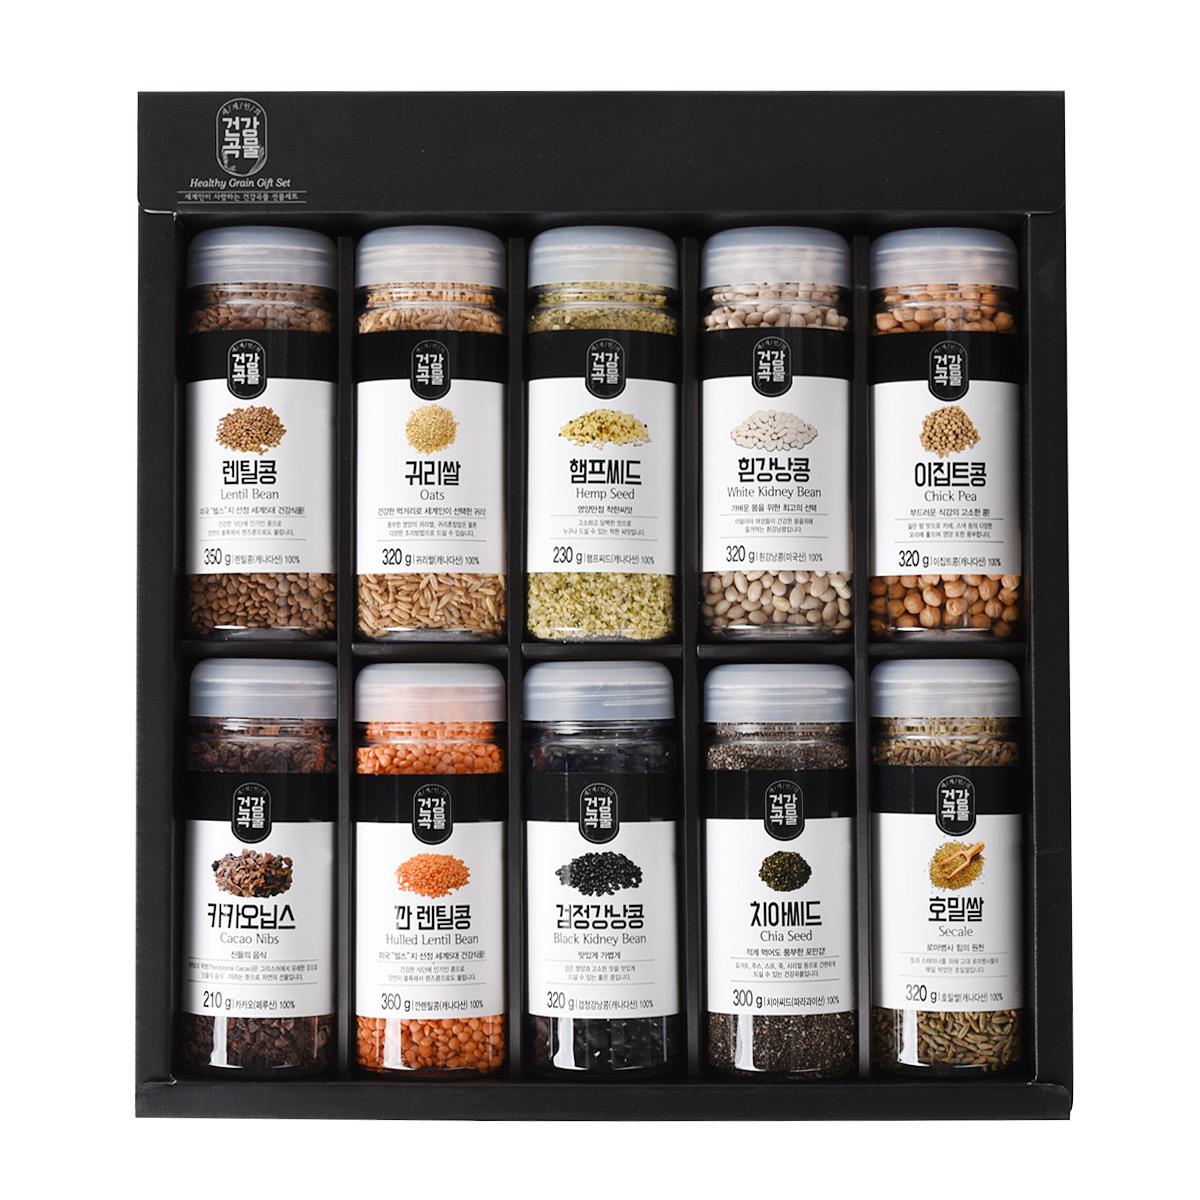 두보식품 세계인의 건강곡물 10종 선물세트 3.05kg + 포장 박스, 1세트